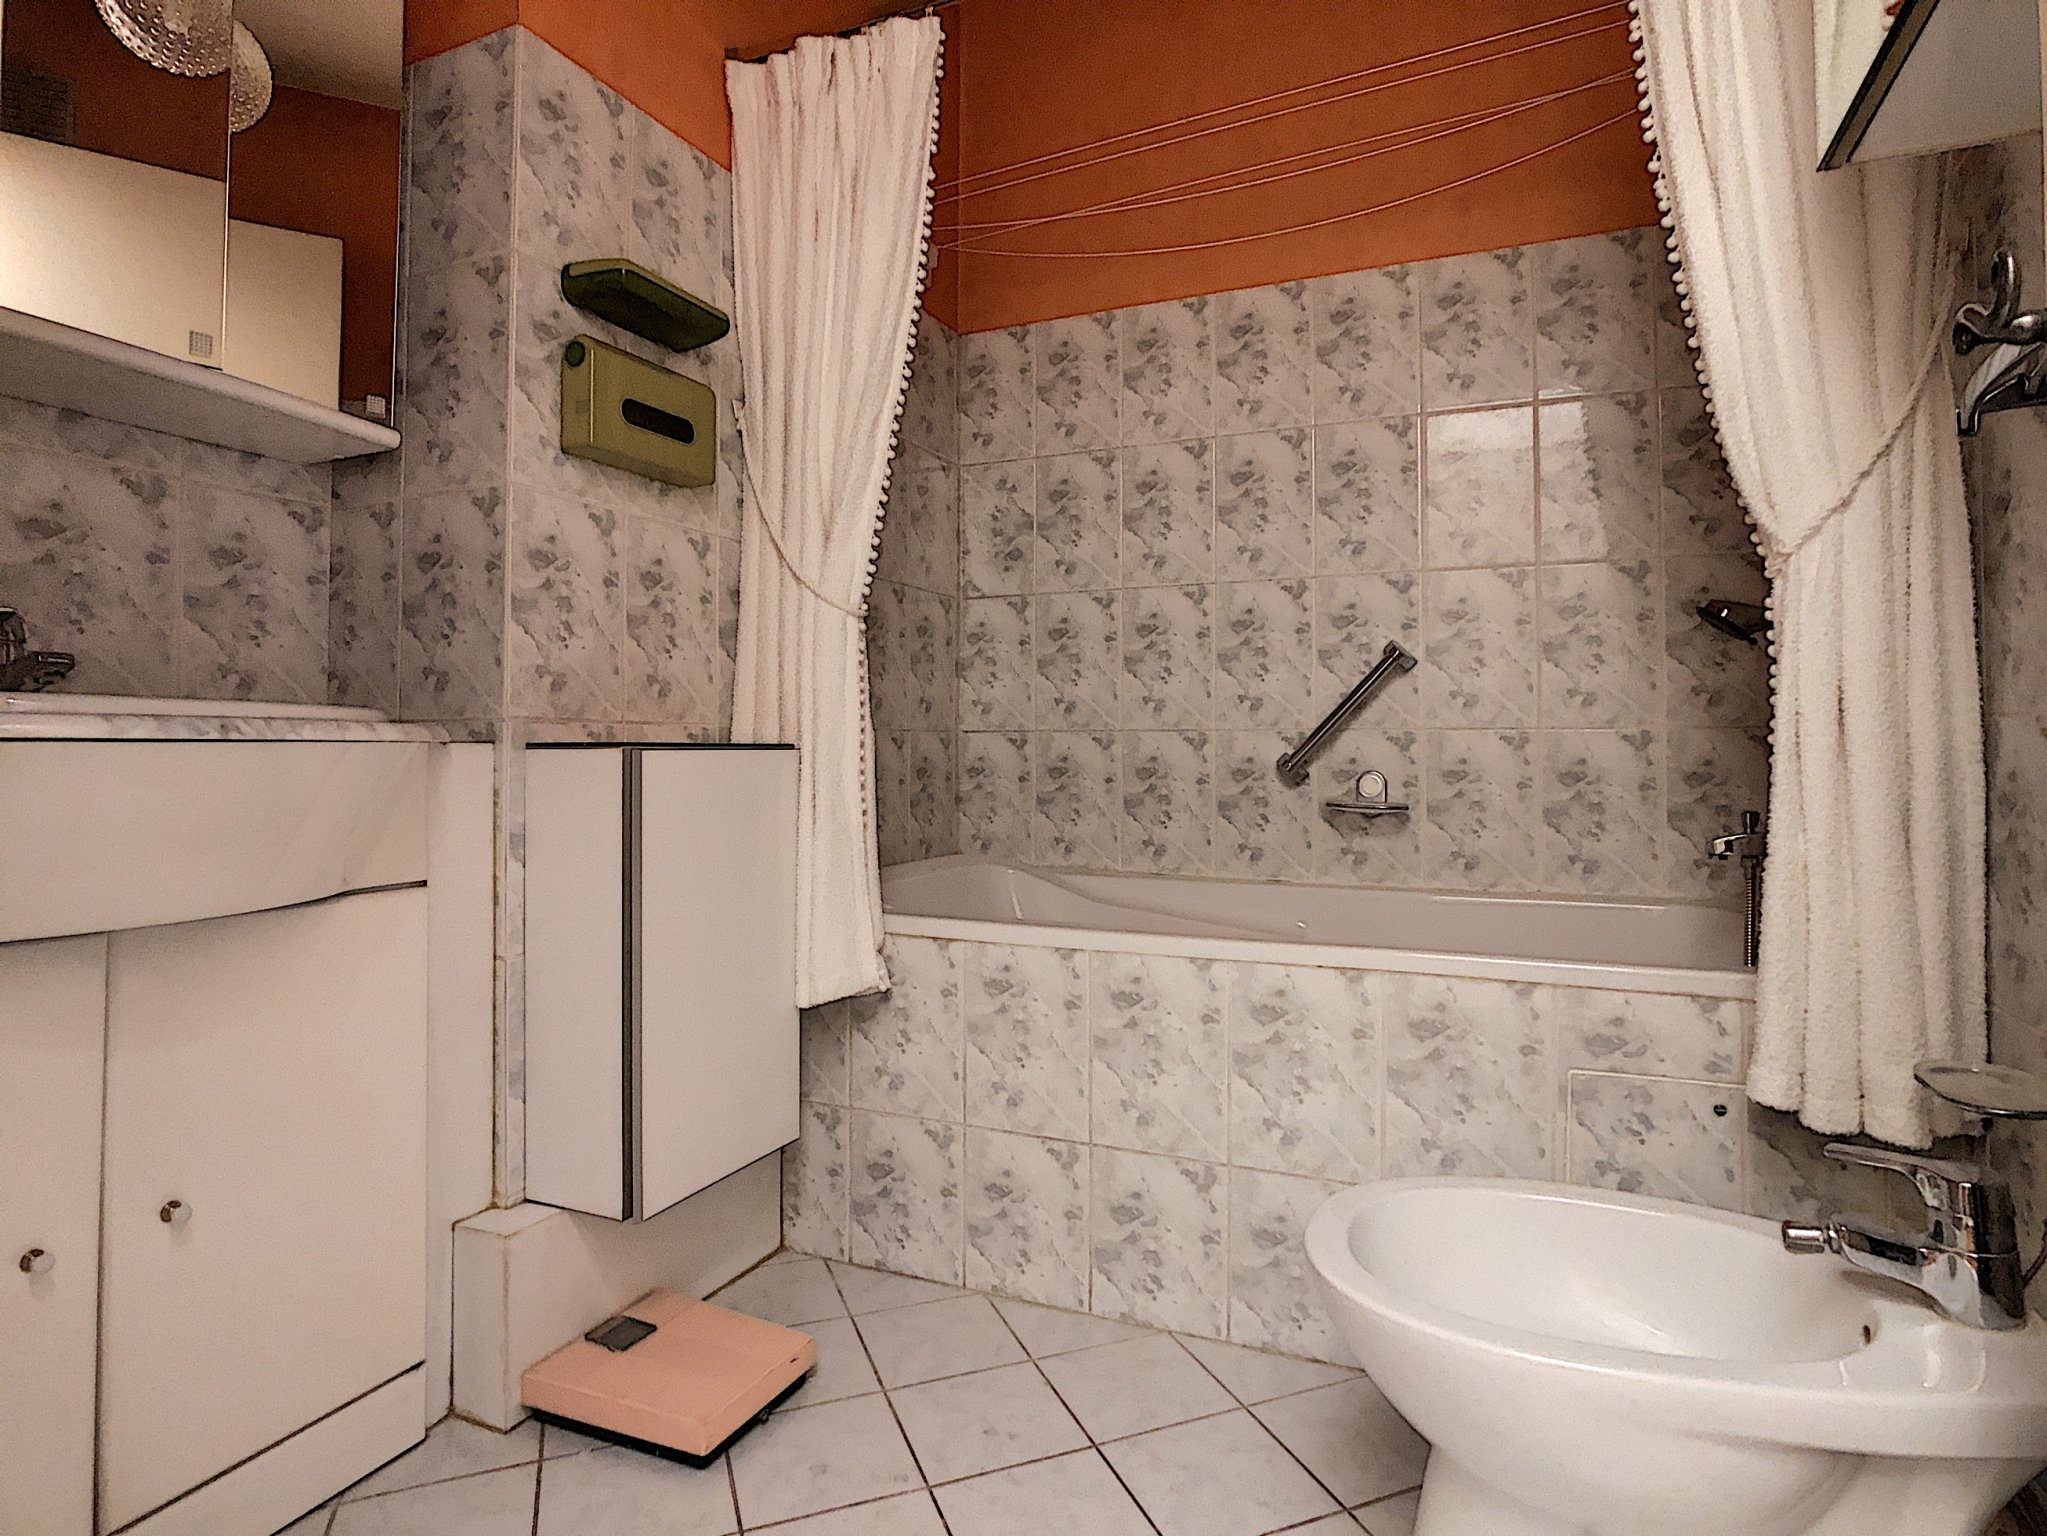 Appartement Reims 4 Pièces 91.56 m2 - 8